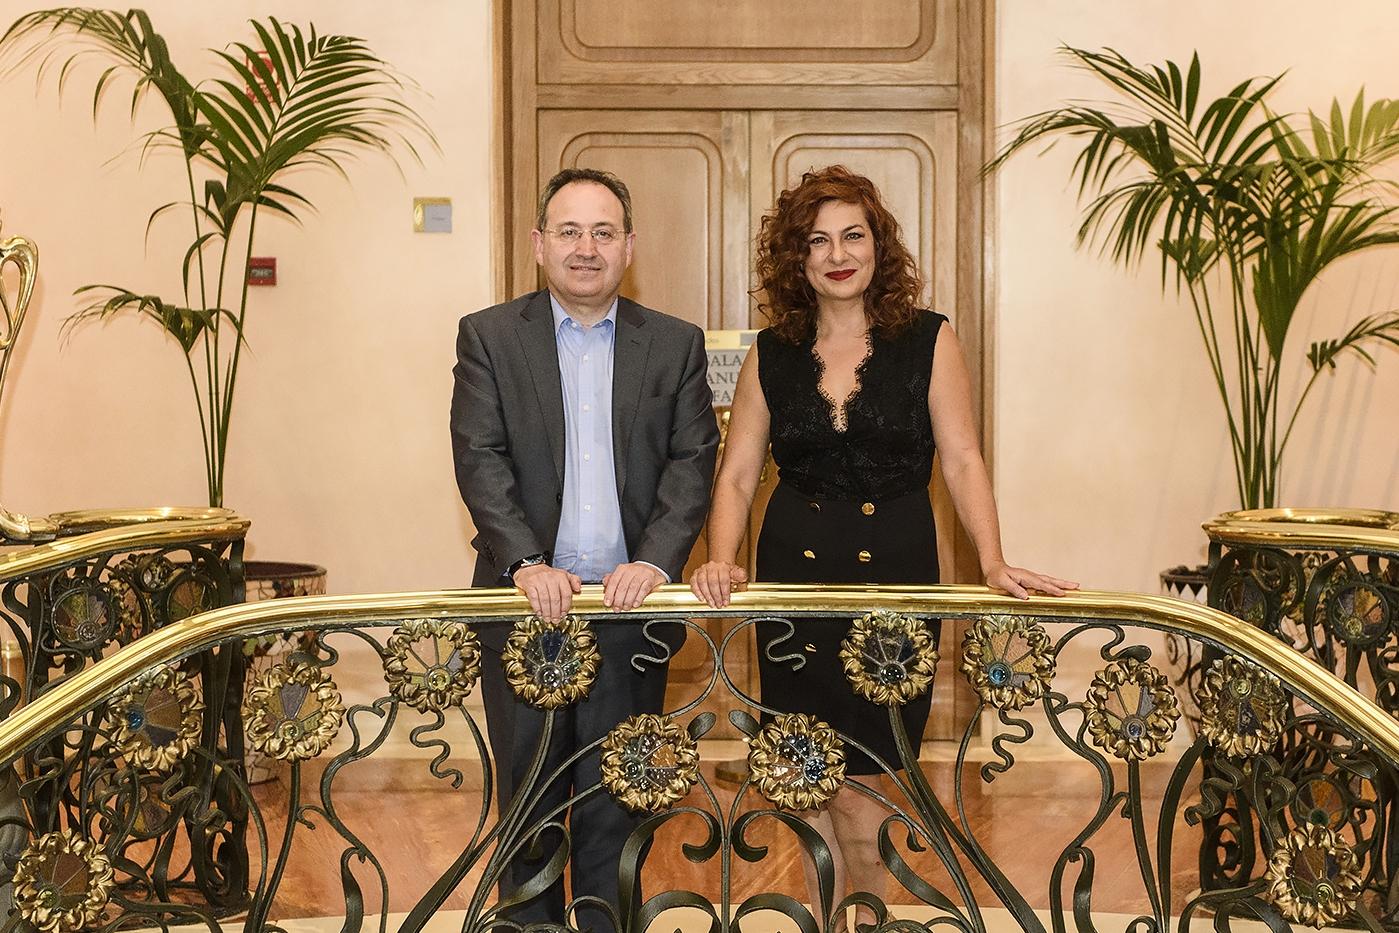 Foto de Reunión institucional entre Jesús Cimarro y Pilar Jurado